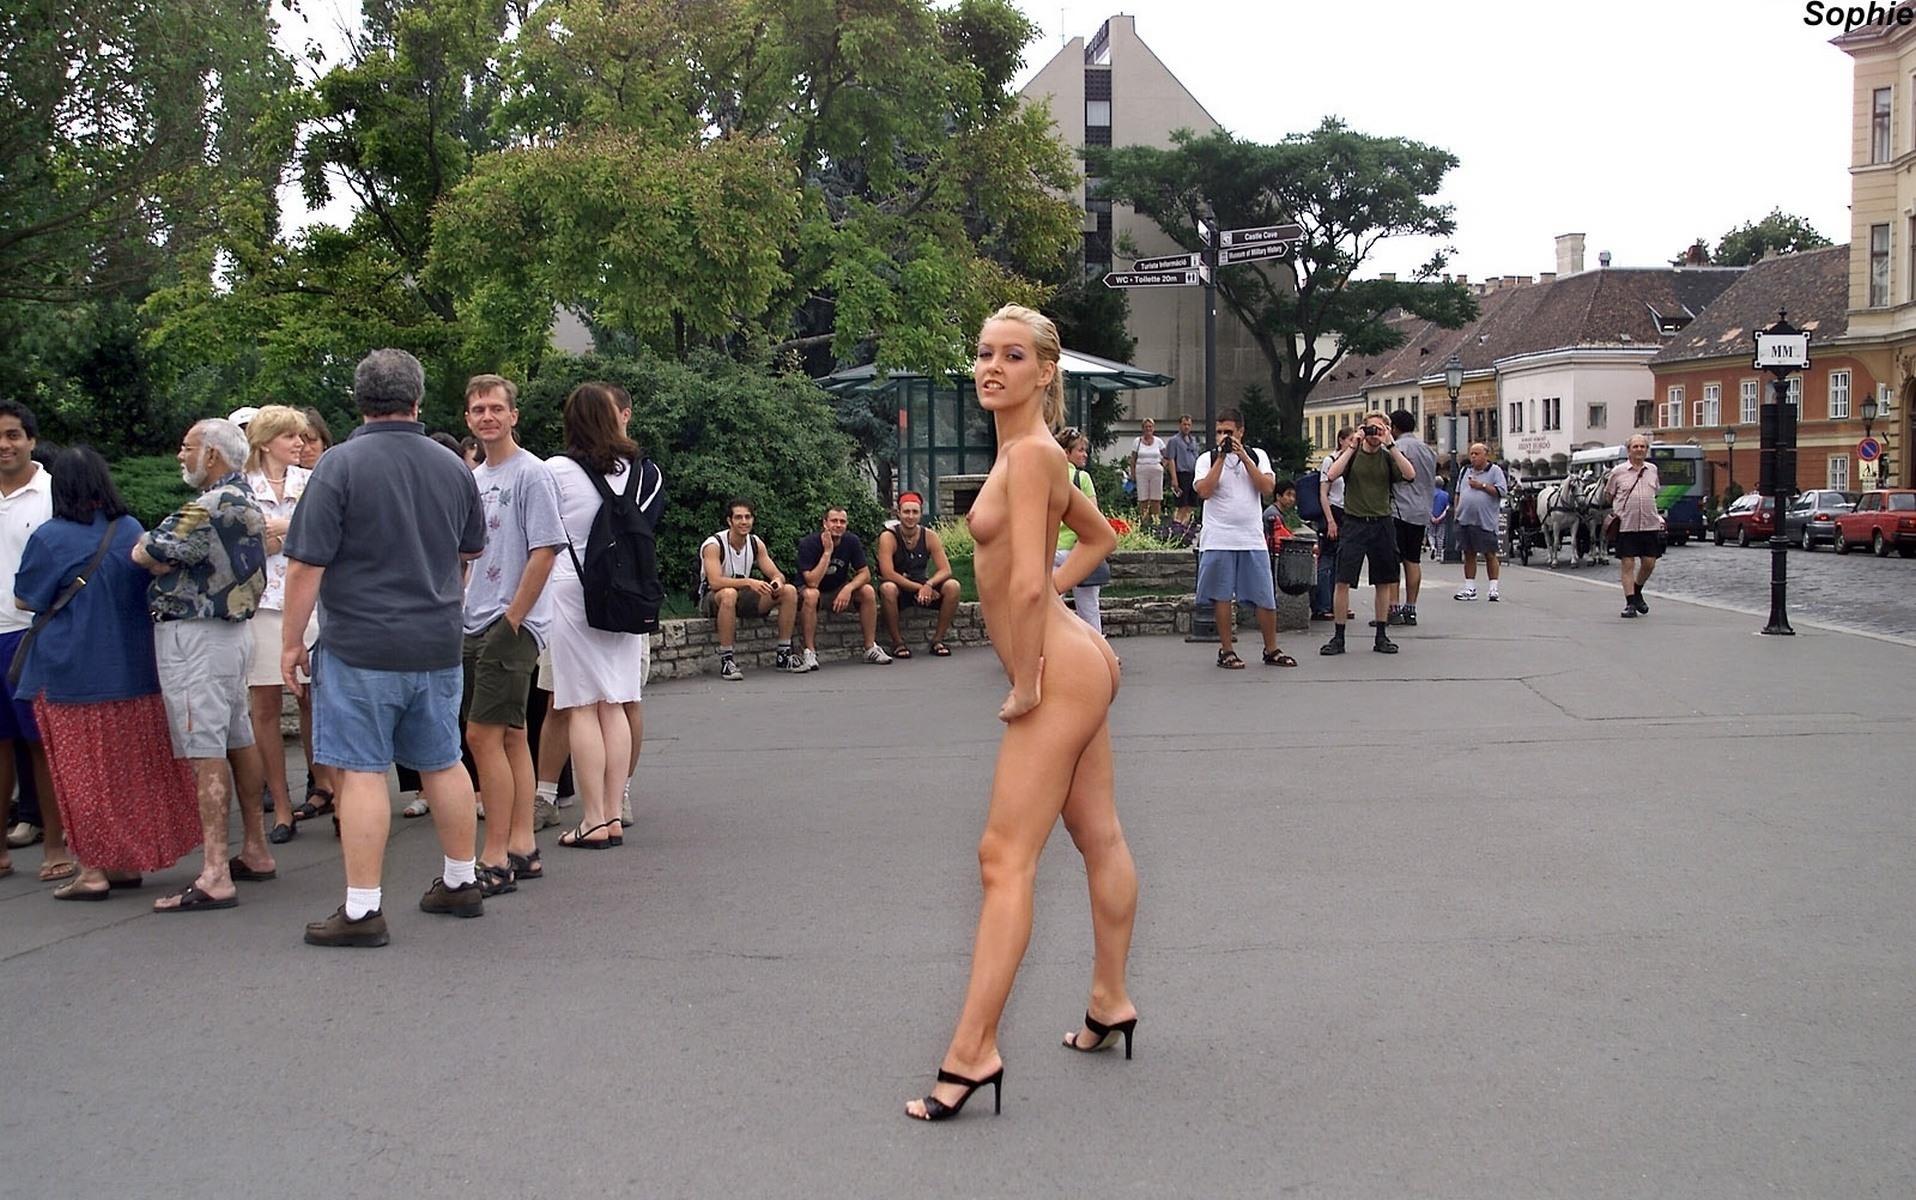 Фото Голая девушка в центре города, обнаженная блондинка в центре города демонстрирует свое сексуальное тело прохожим, скачать картинку бесплатно